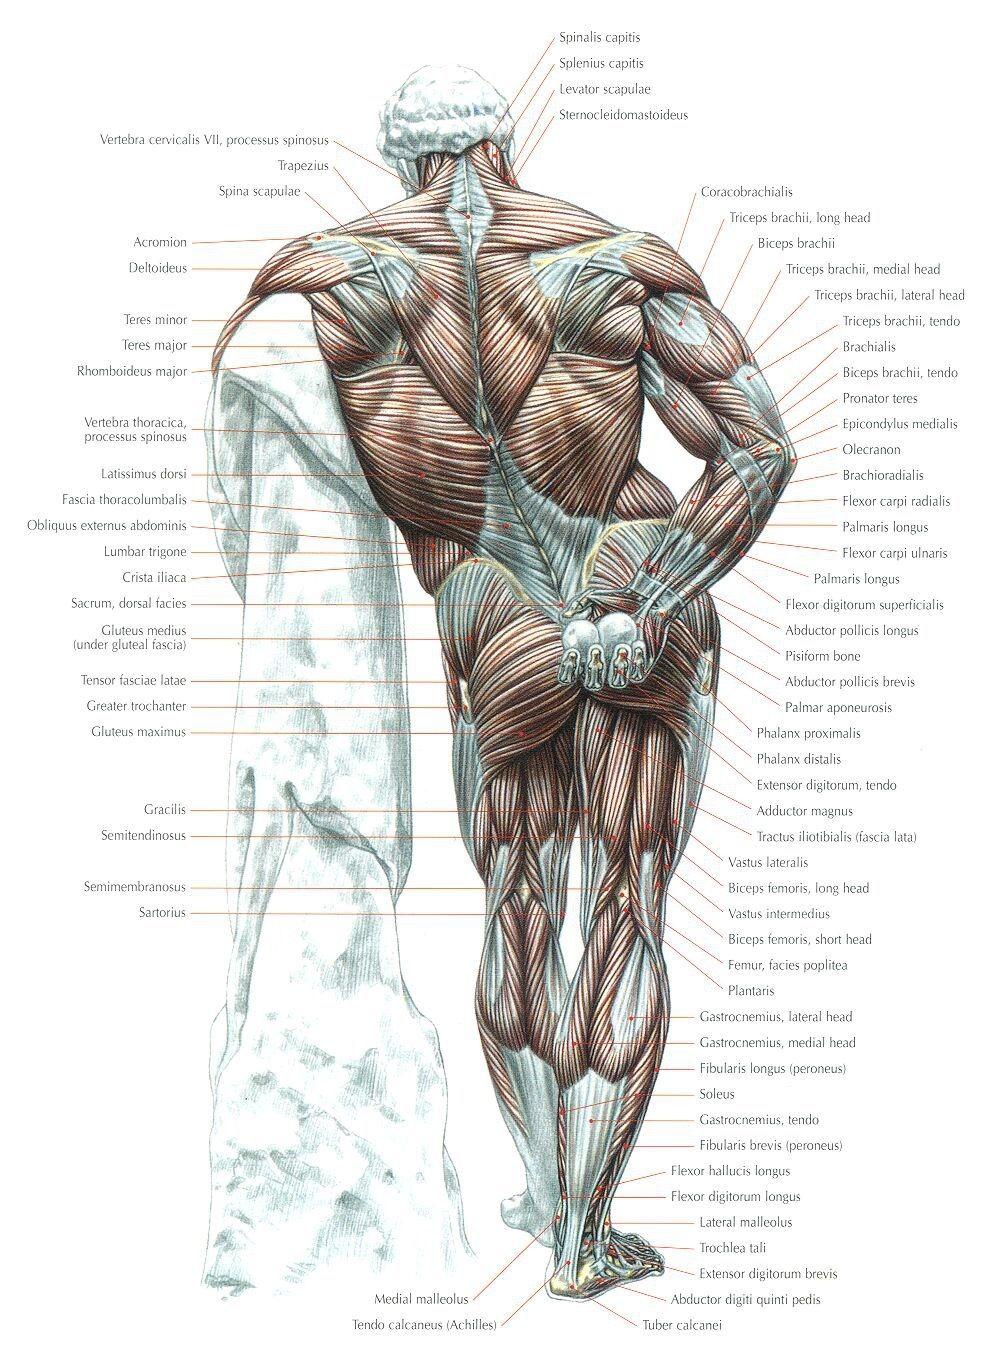 Pin von Fabio Noguti auf Anatomy | Pinterest